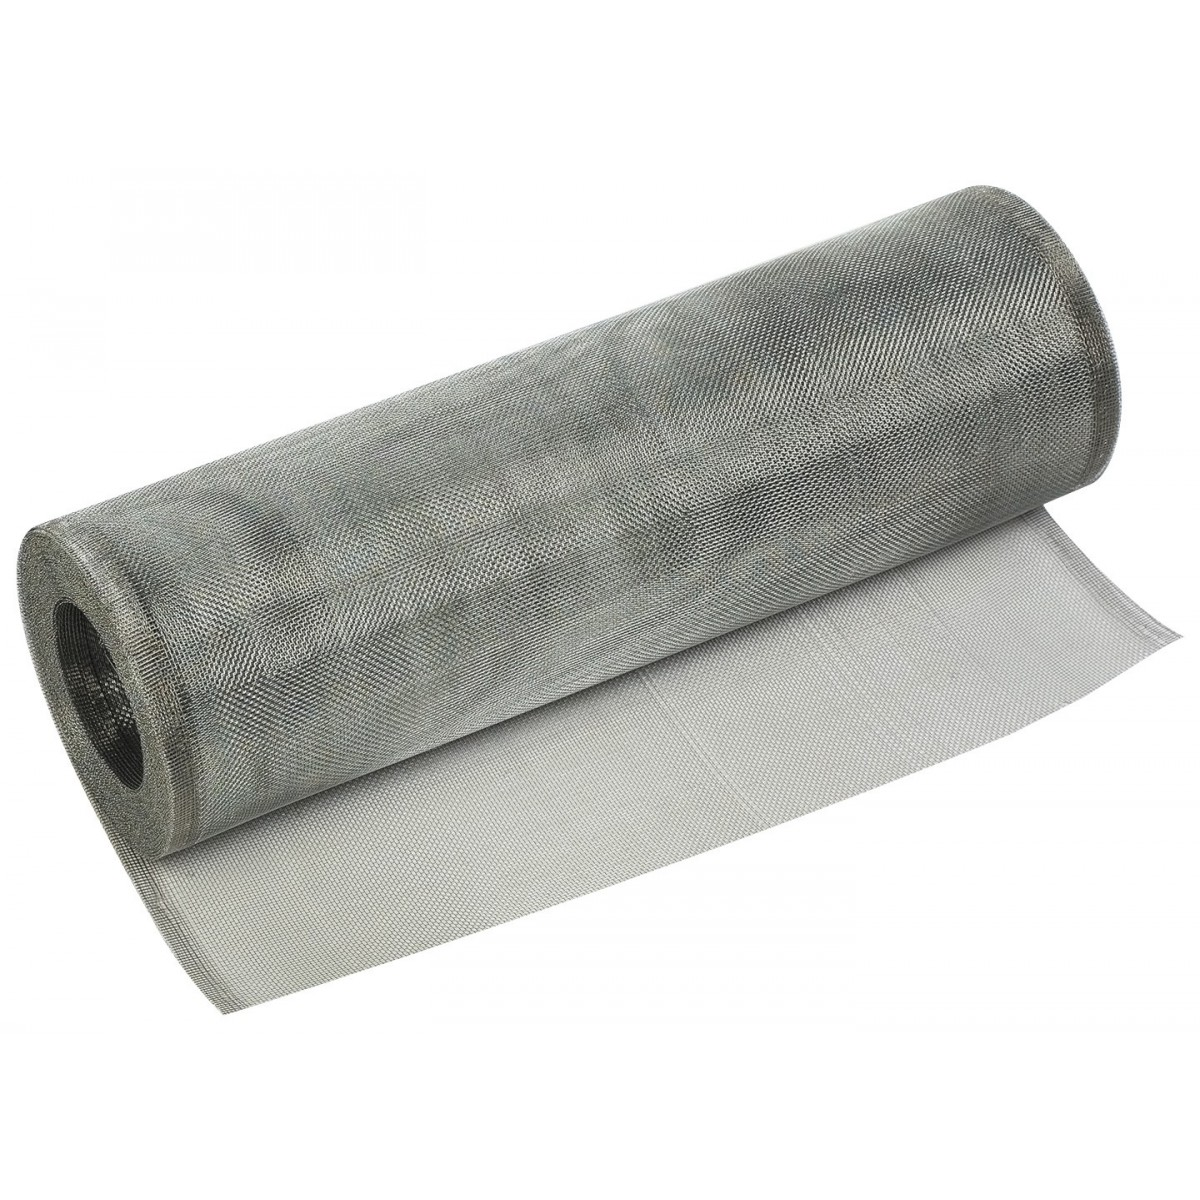 Toile galvanisée n°16 Filiac - Fil diamètre 0,25 mm - Longueur 25 m - Hauteur 0,5 m